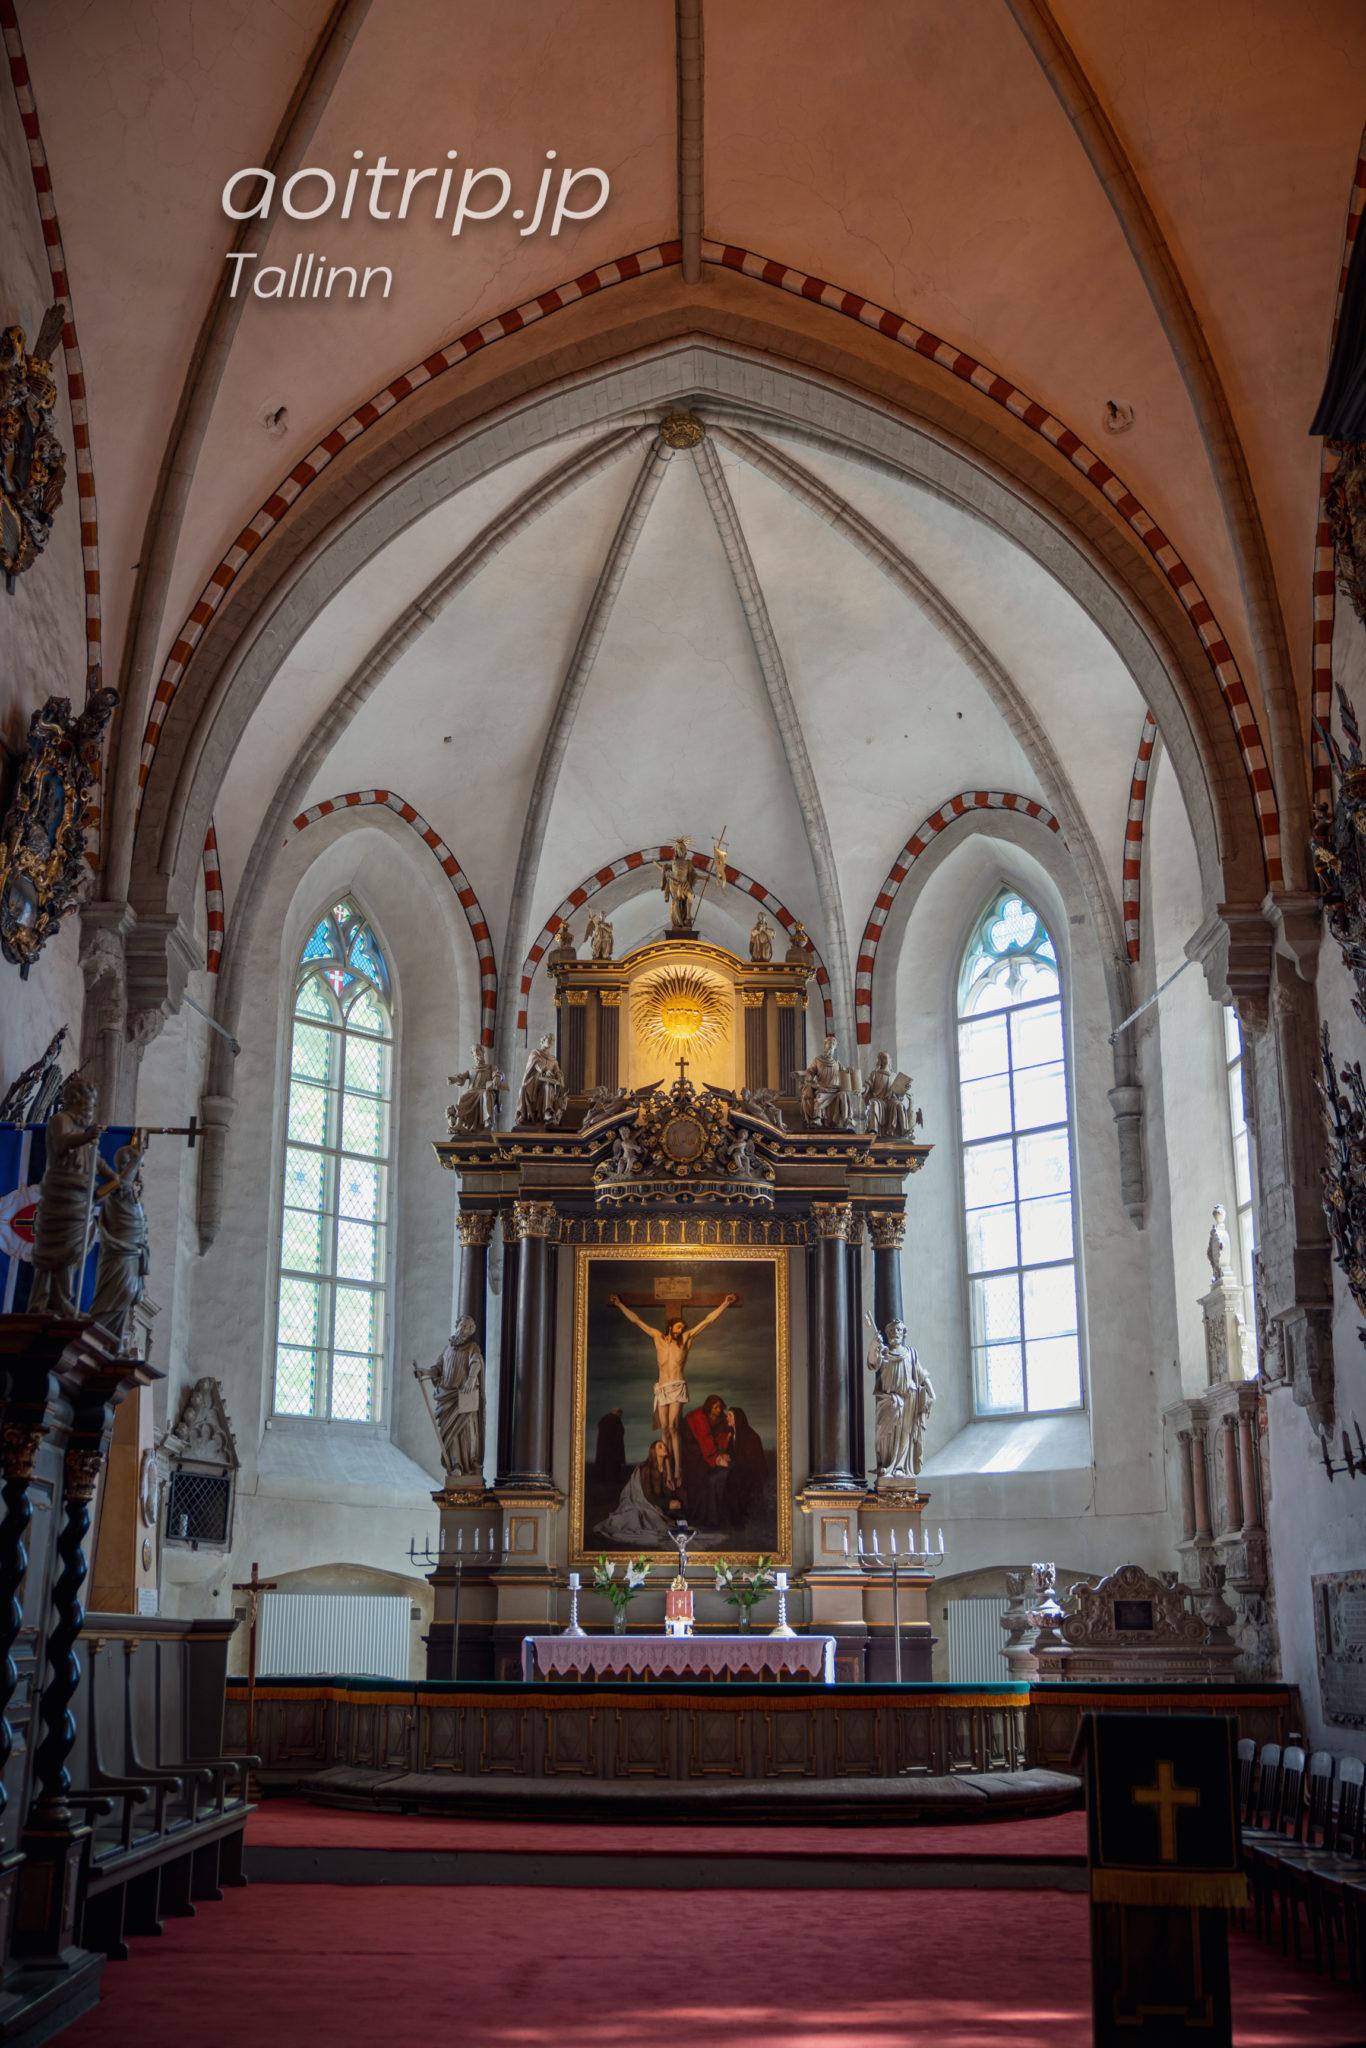 クリスチャン アッカーマン製作の祭壇画